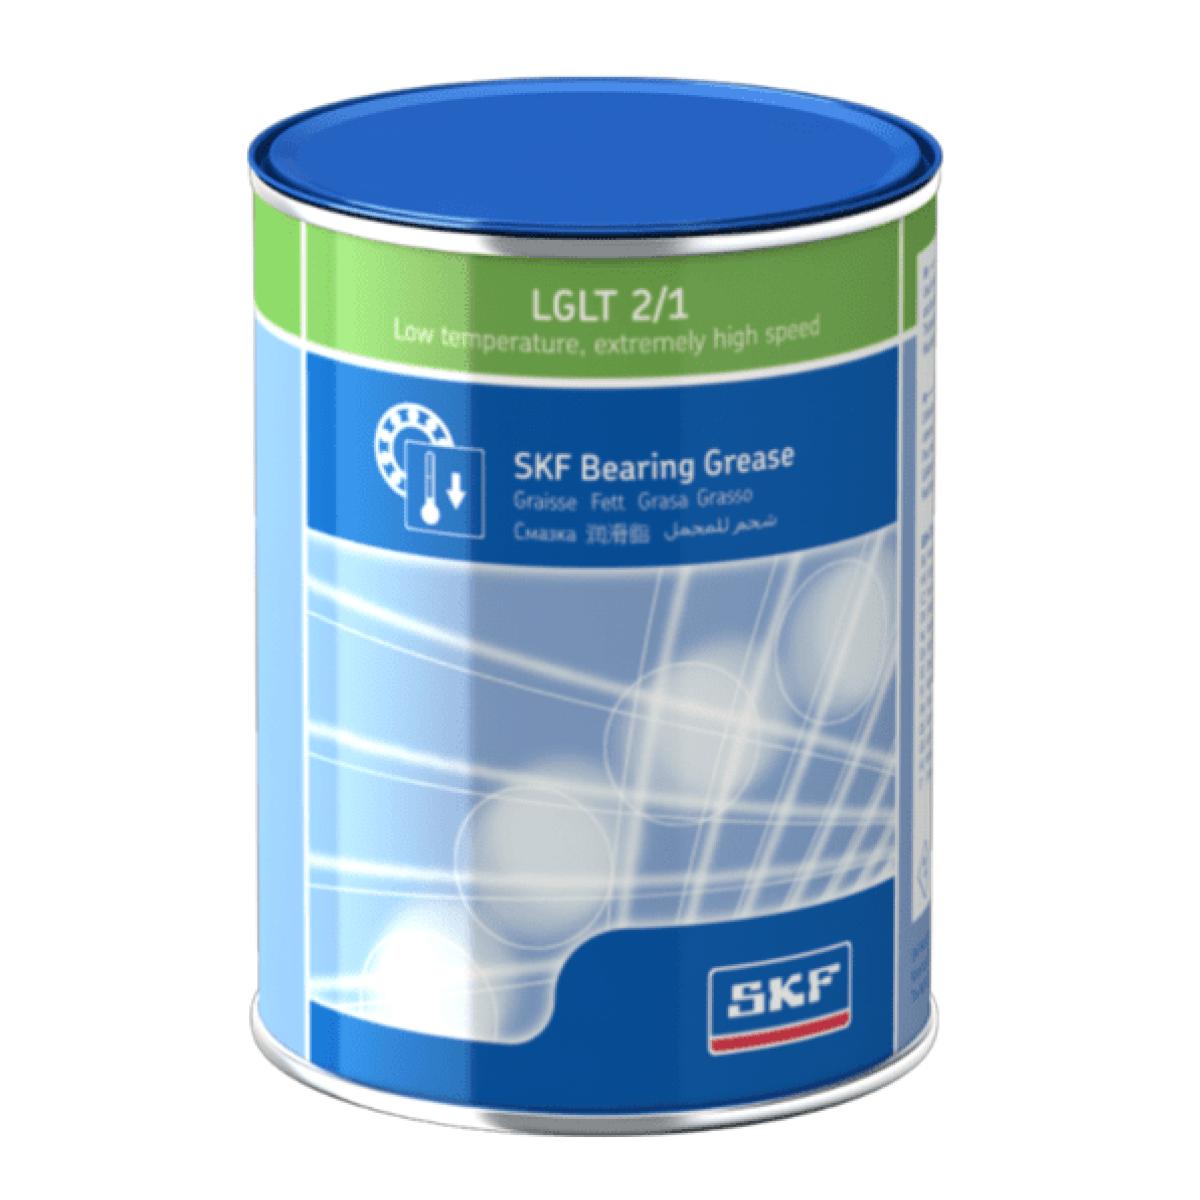 Graxa baixa temperatura velocidade extrema alta SKF LGLT 2/1